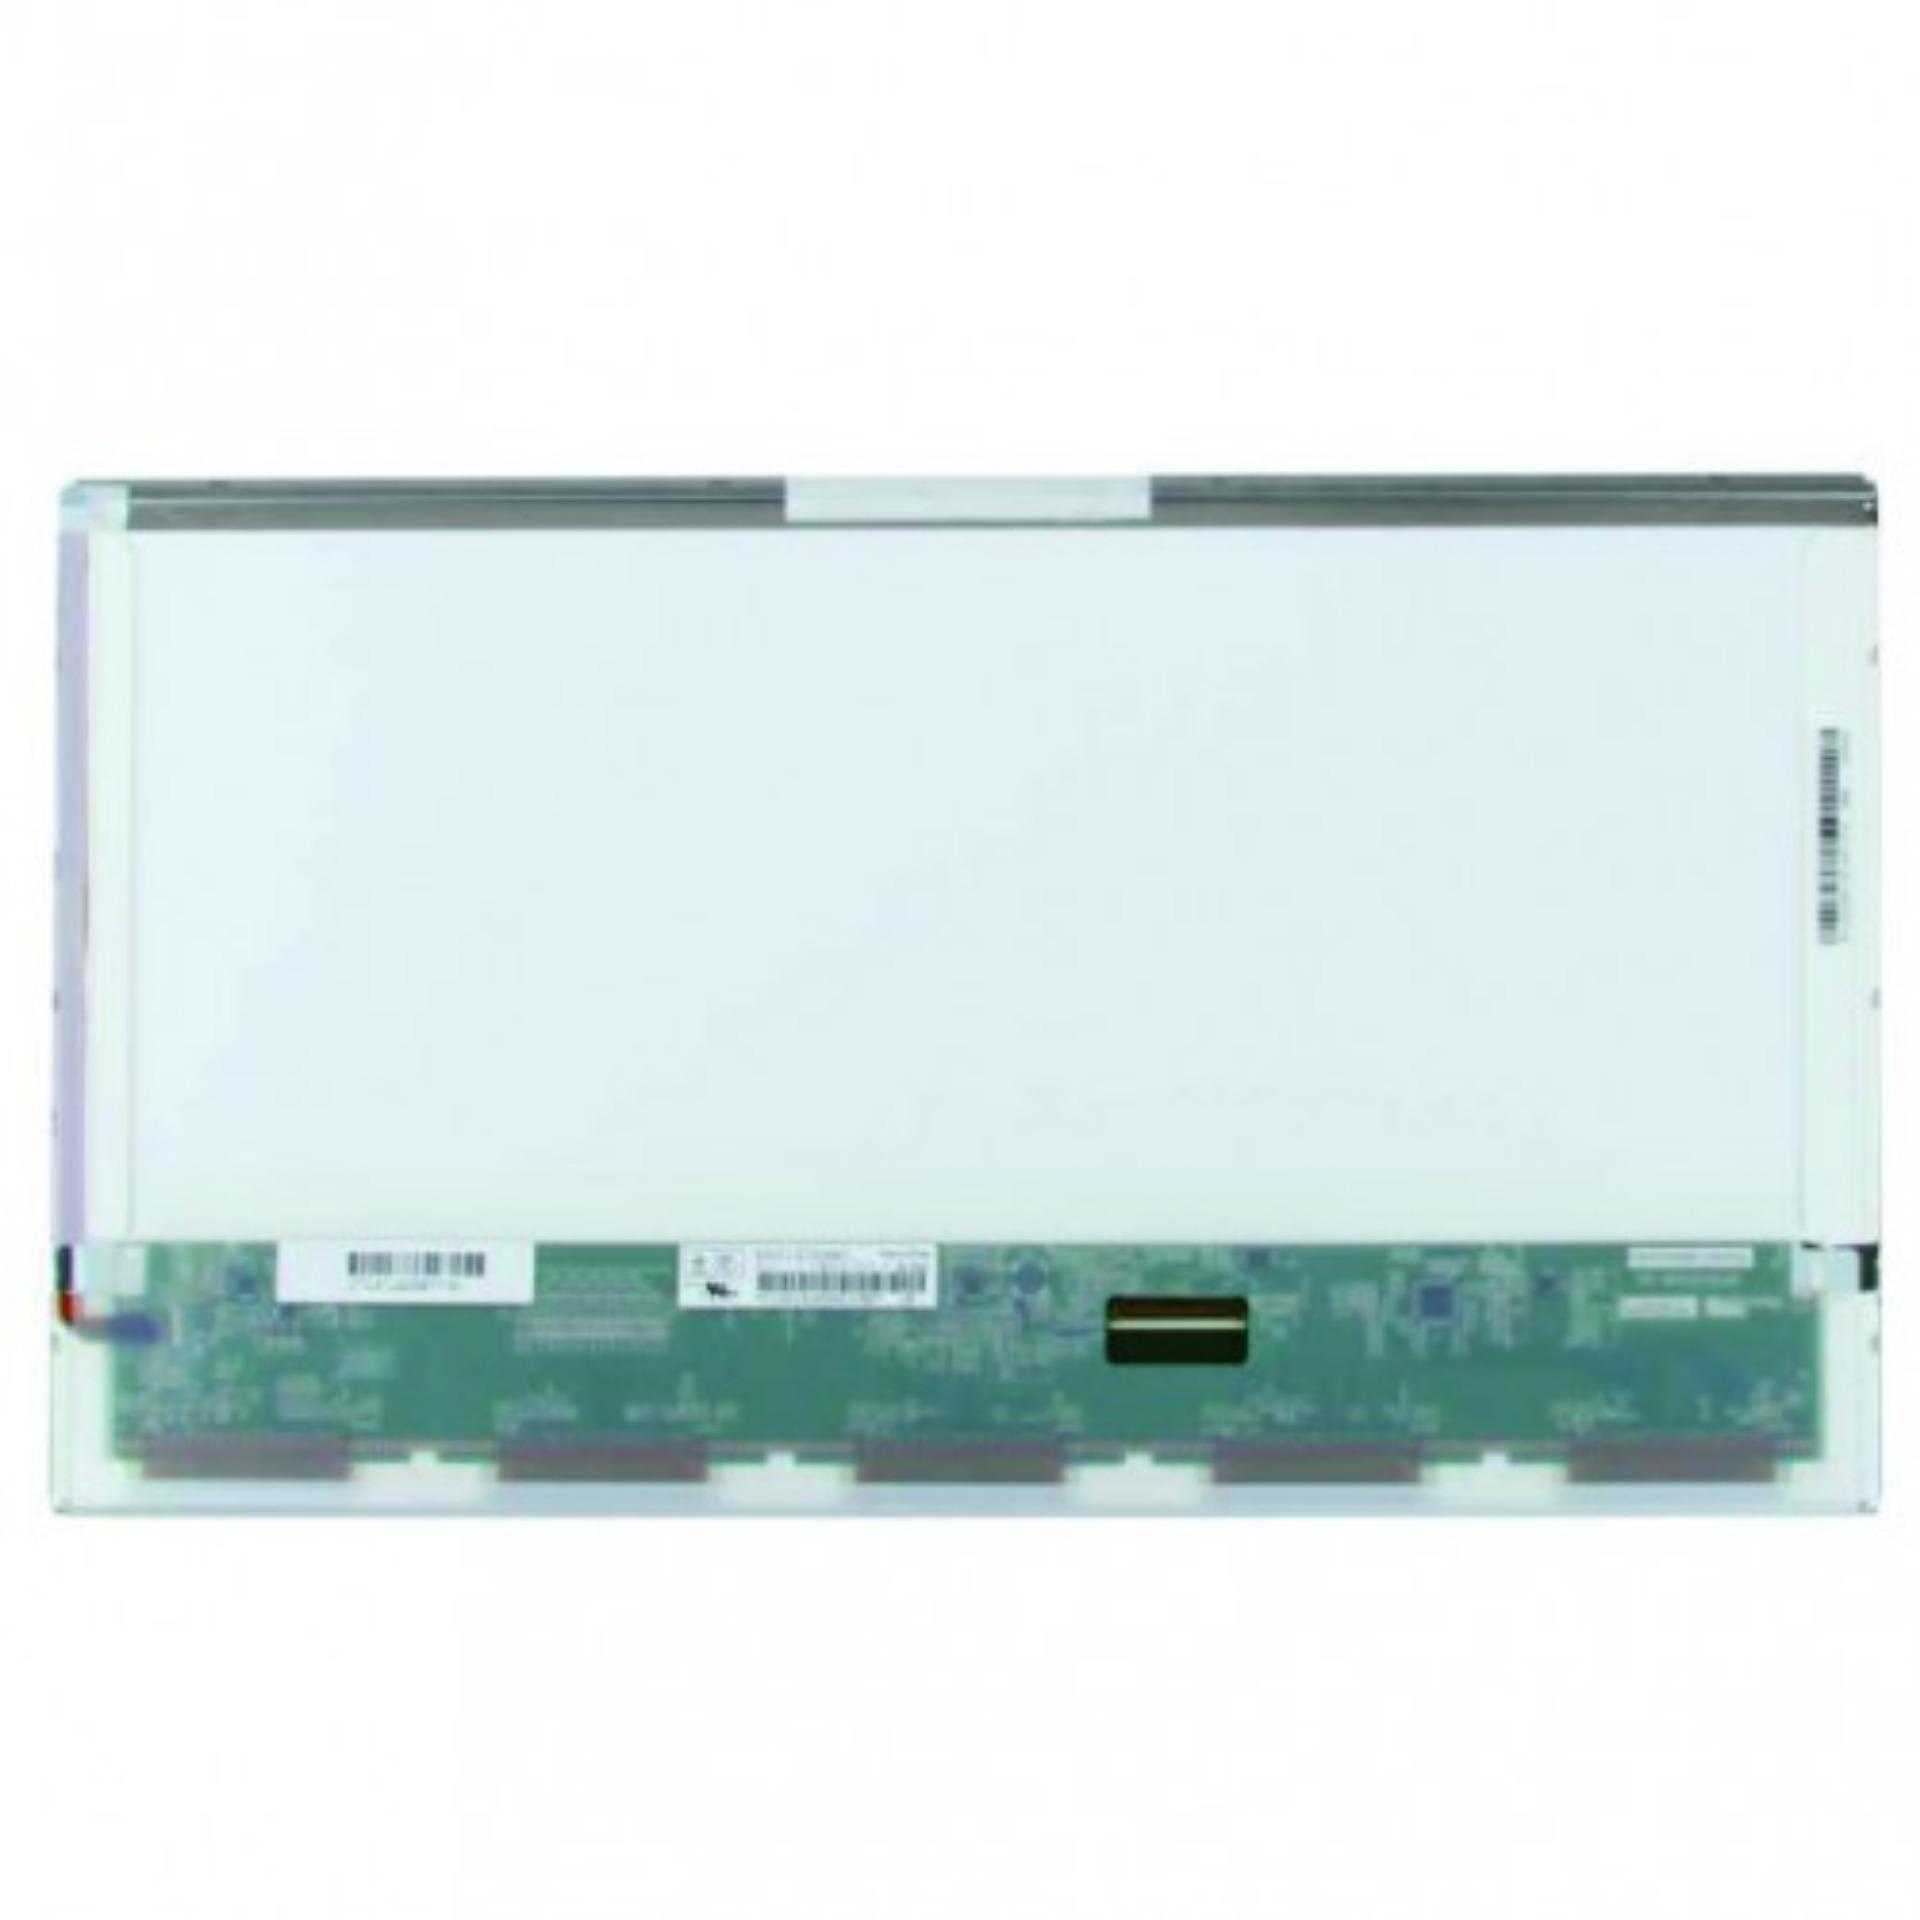 Lcd 16.0 Led (Dell 1640 ) (Đen)